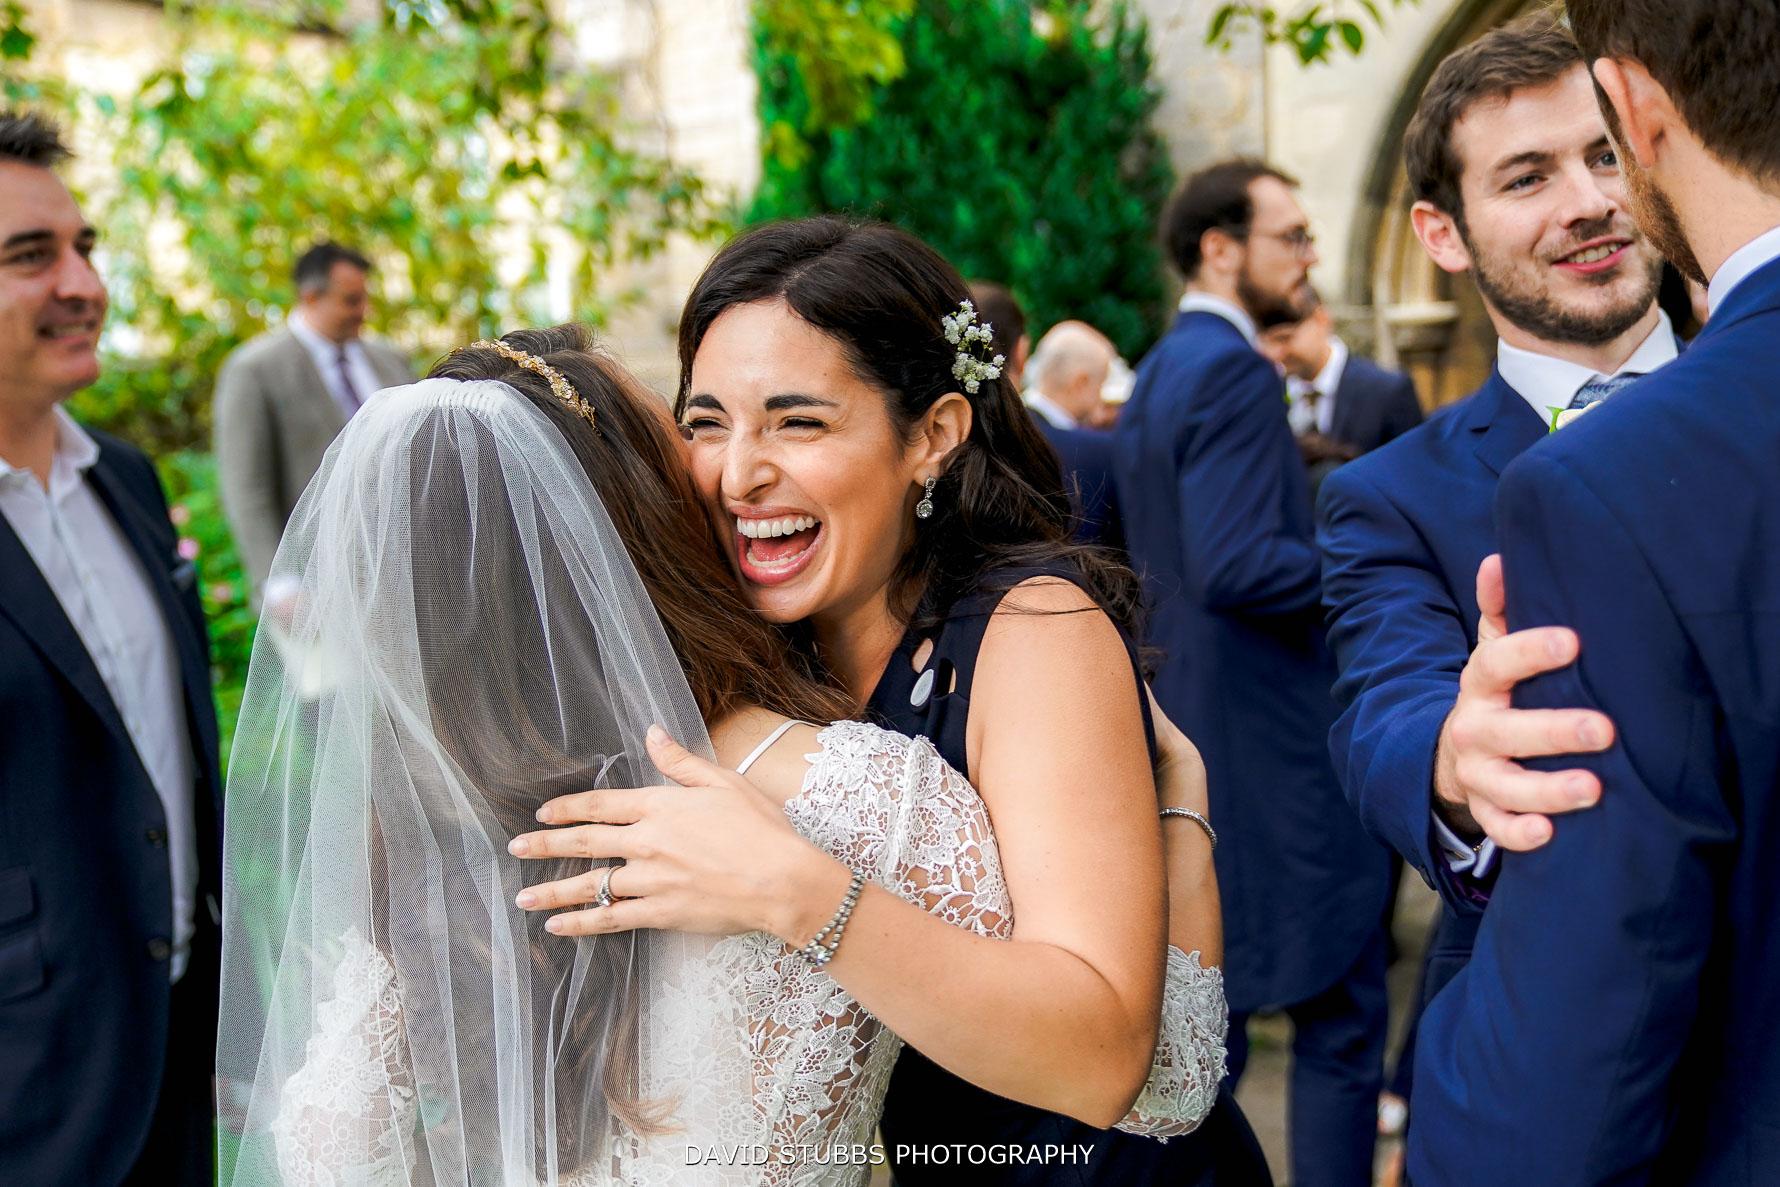 congratulating the couple